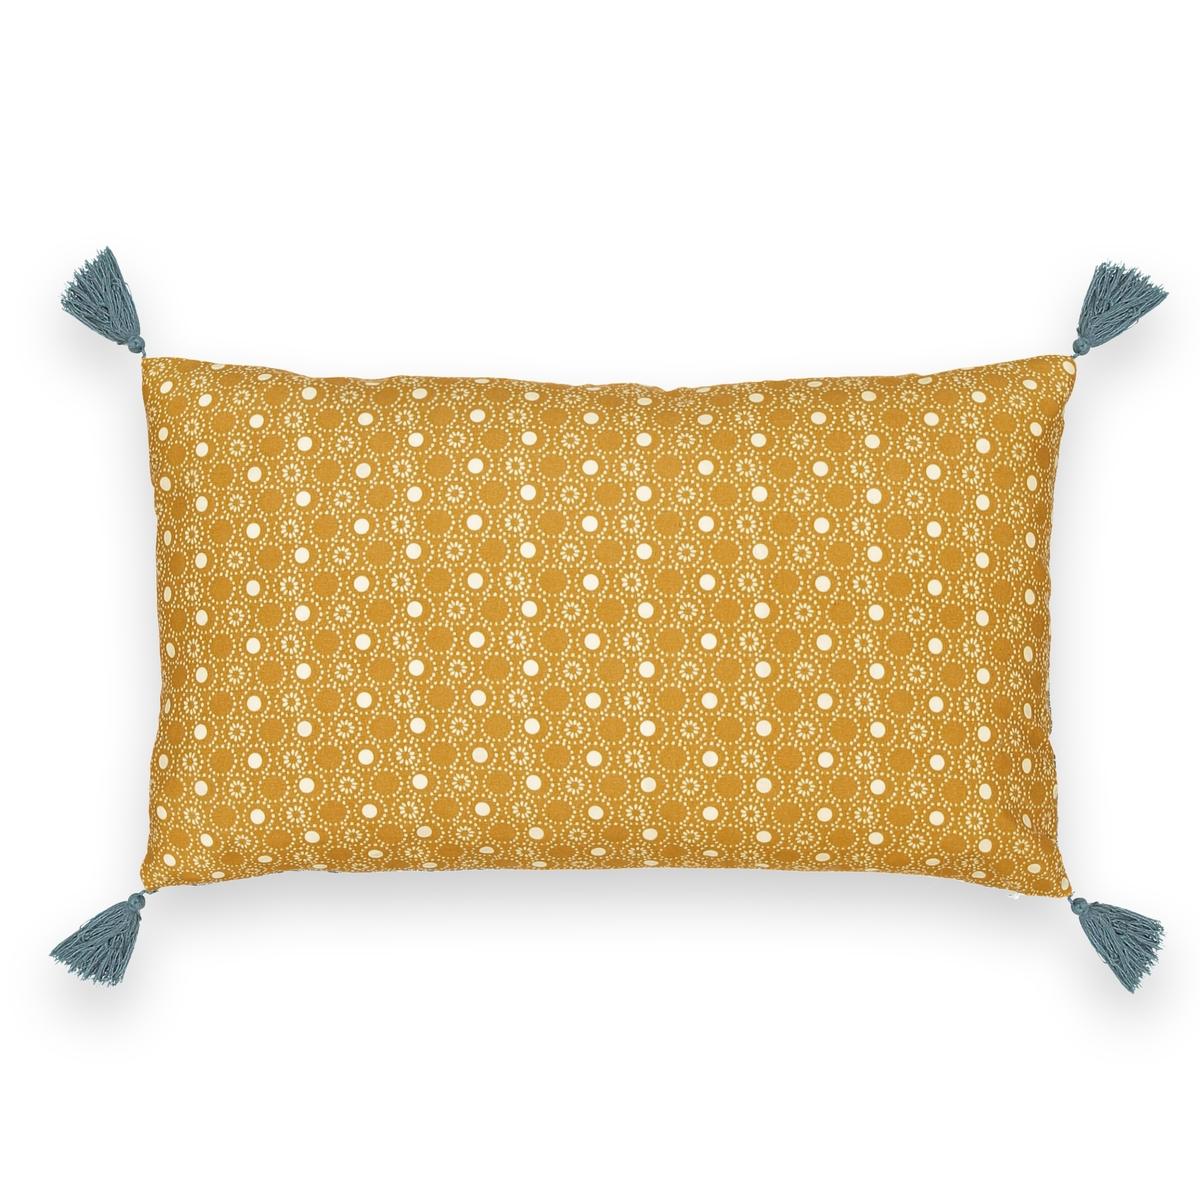 Чехол La Redoute На подушку или наволочка SHINTO 40 x 40 см желтый наволочка la redoute flooch 50 x 30 см бежевый